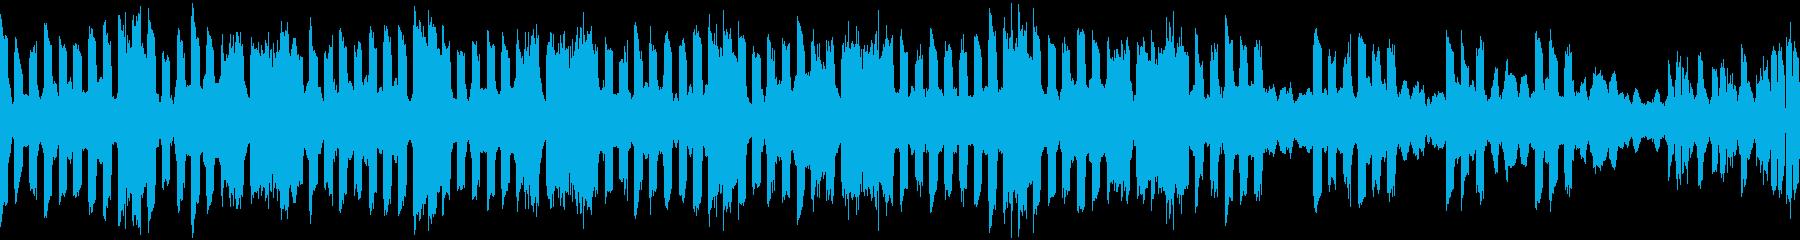 電子音と低弦による憂鬱な変拍子ループ曲の再生済みの波形